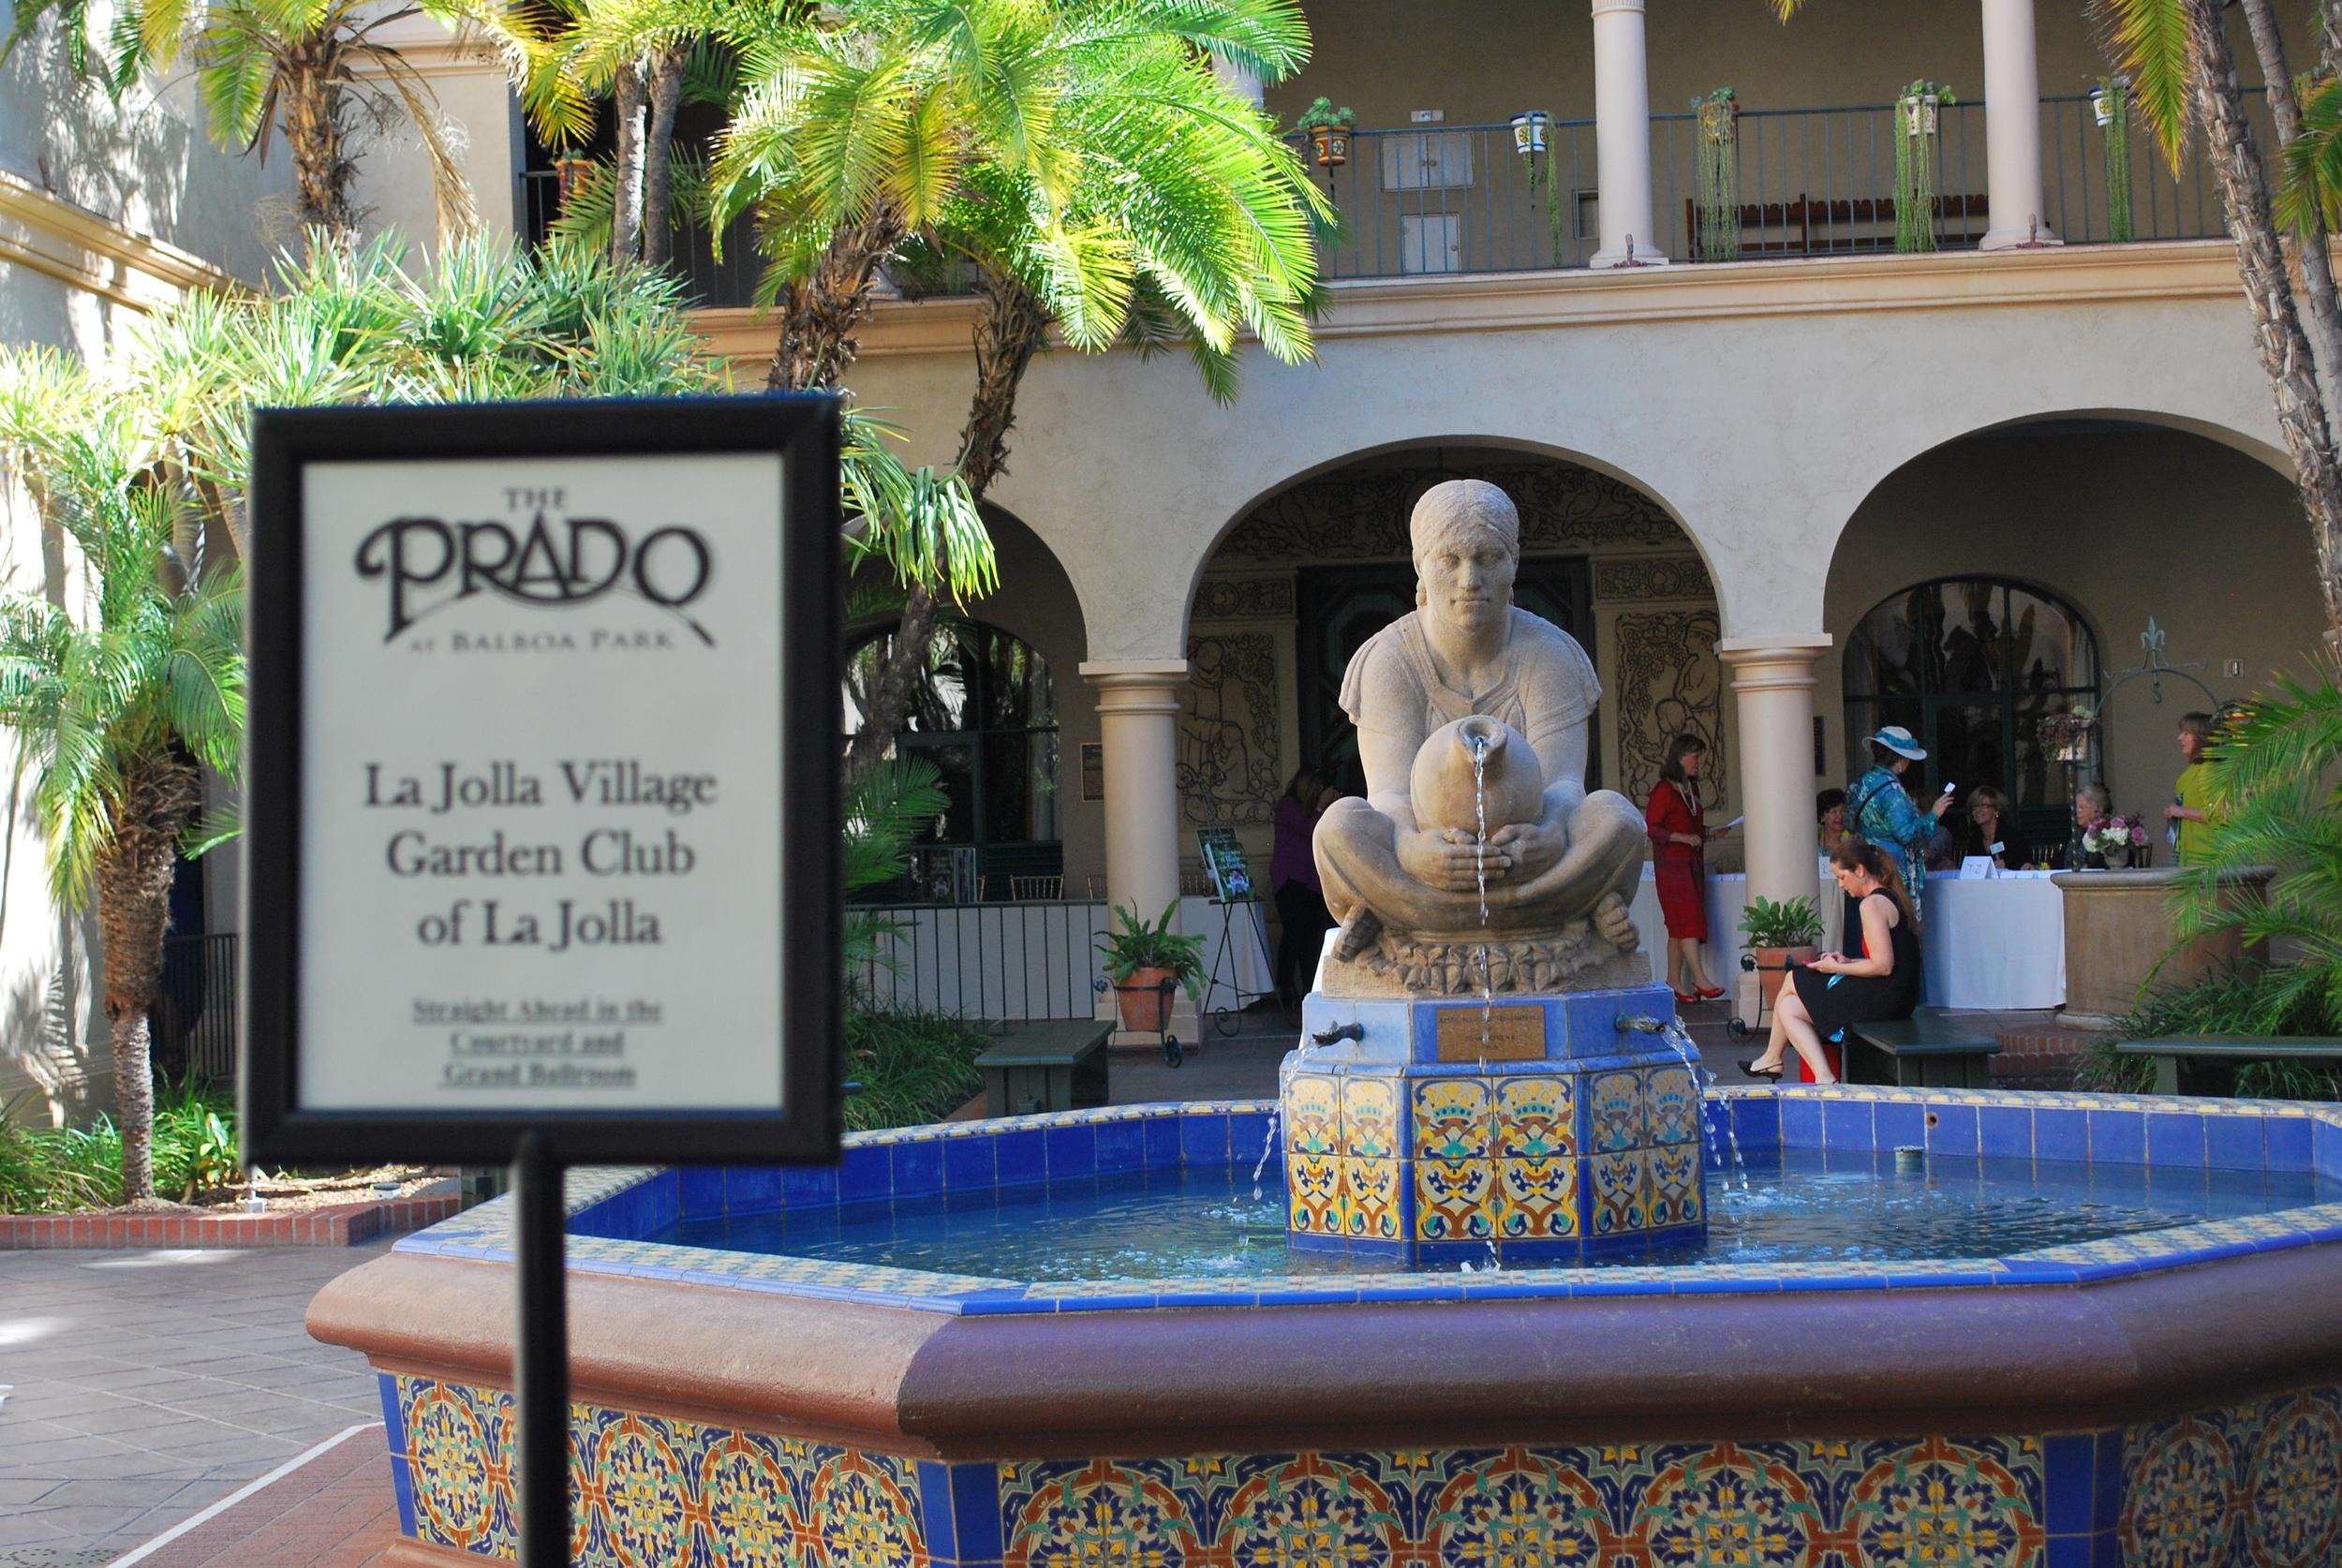 Entrance to The Prado, Balboa Park